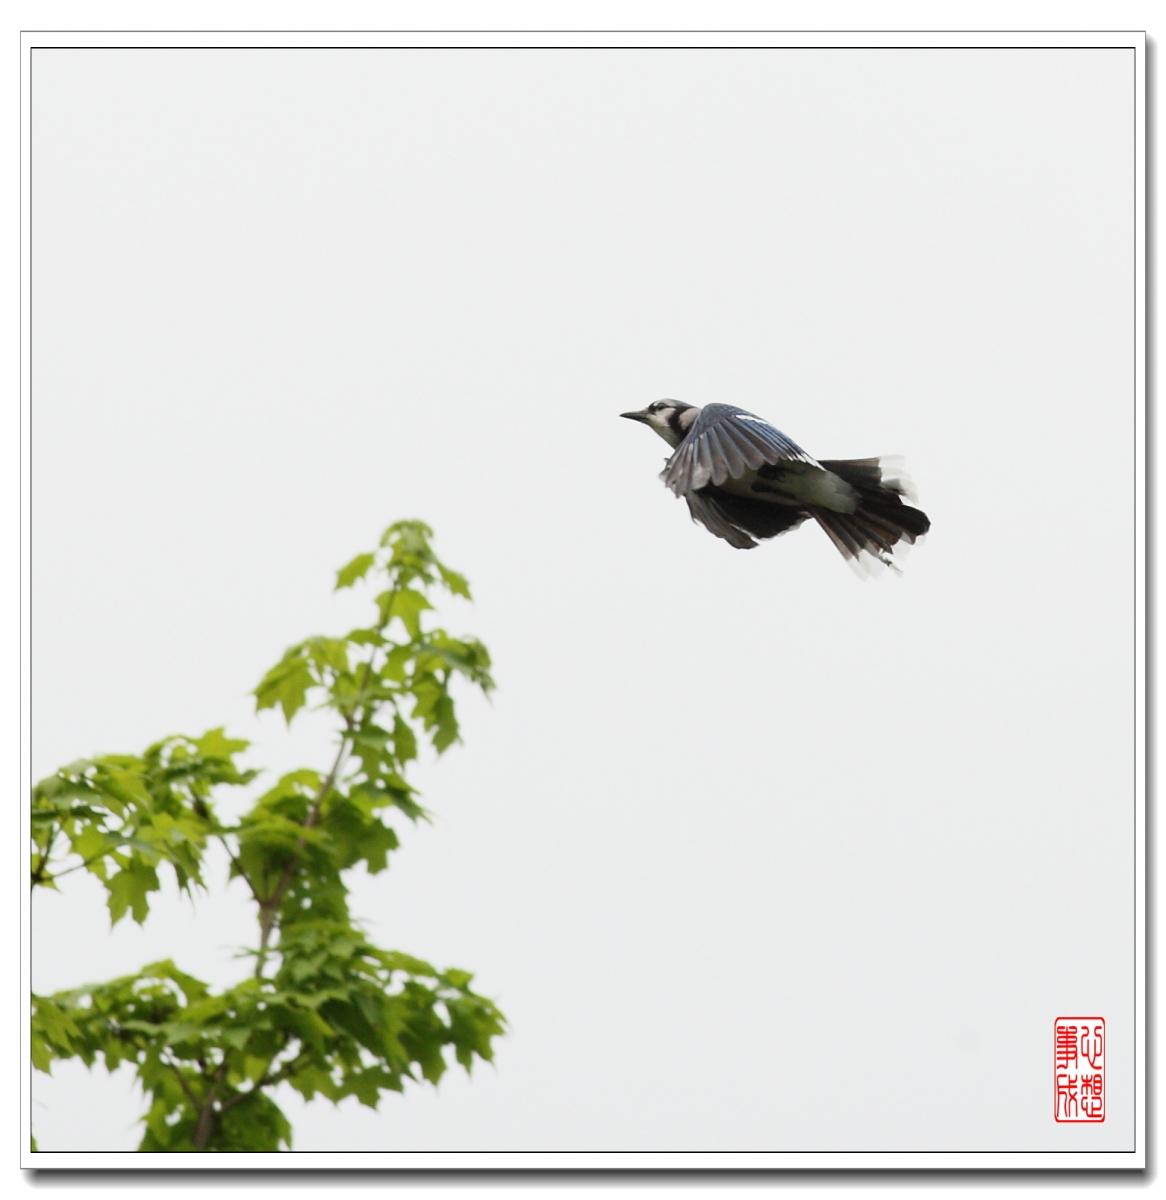 【心想事成】 飞鸟随拍图_图1-6